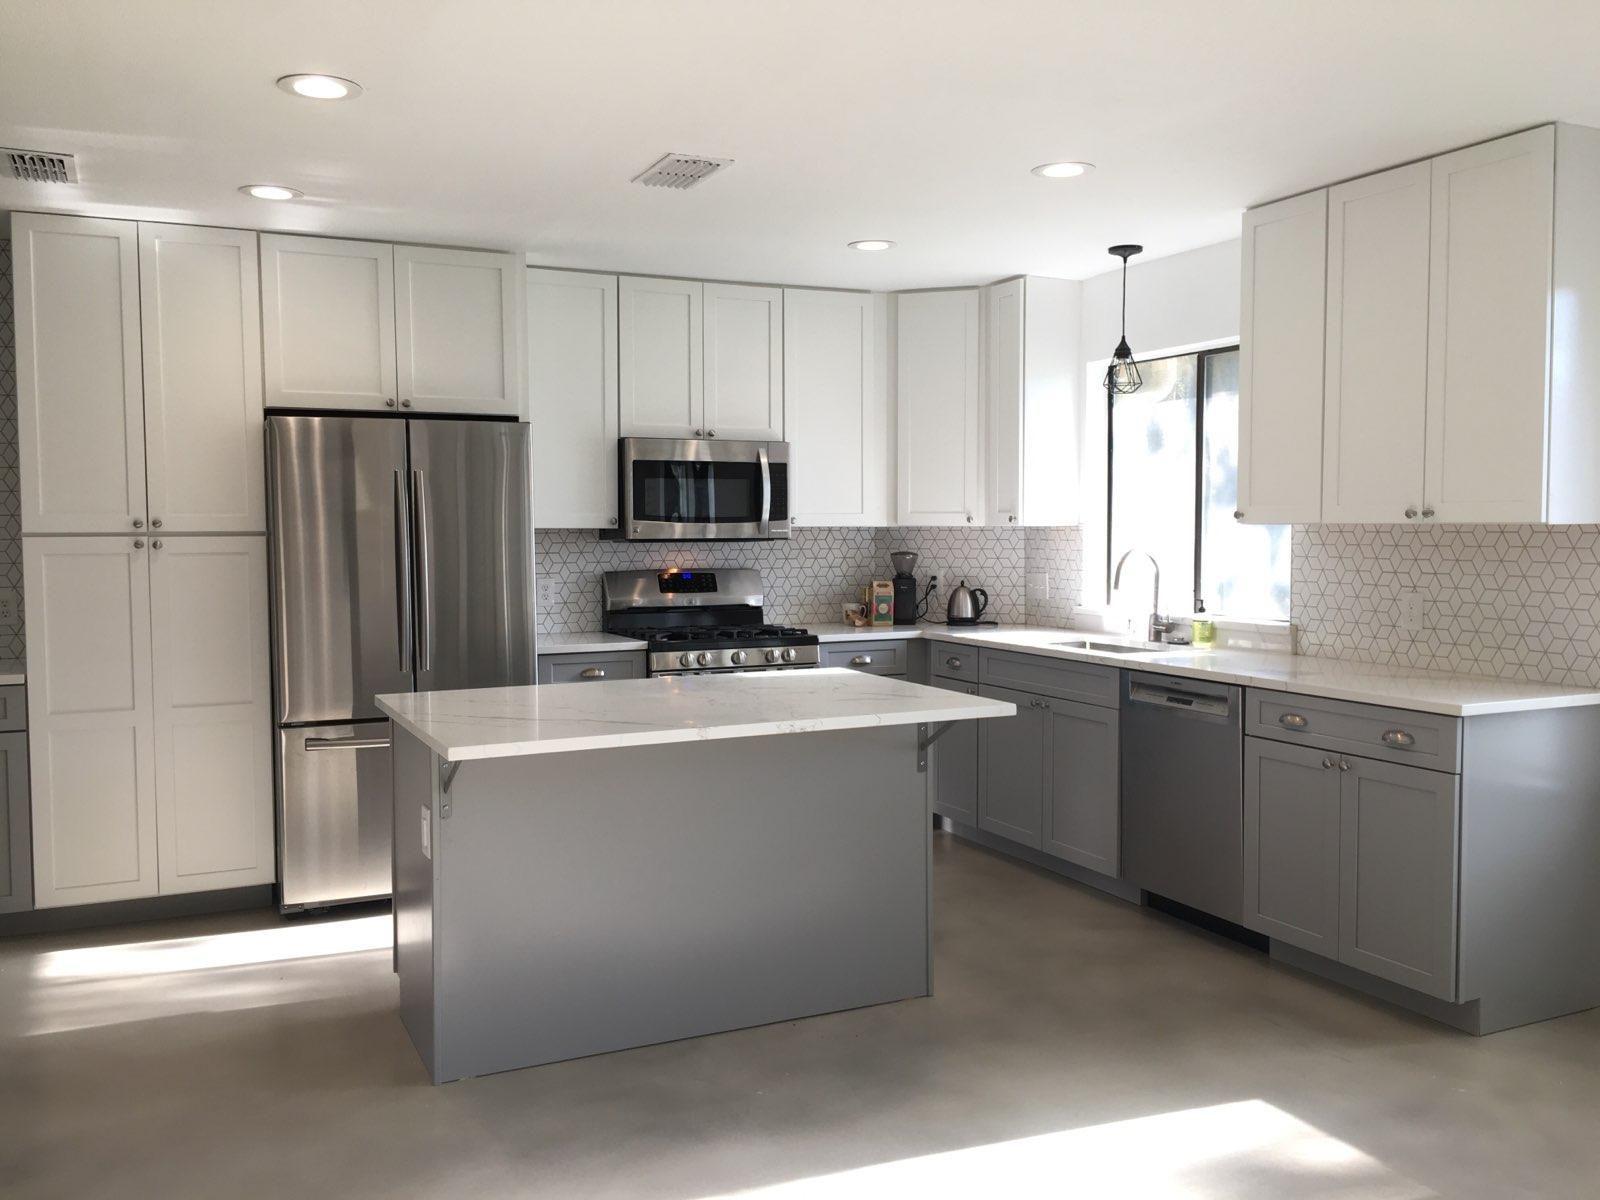 Transitional Kitchen Remodel in Austin, TX | Kitchen ...